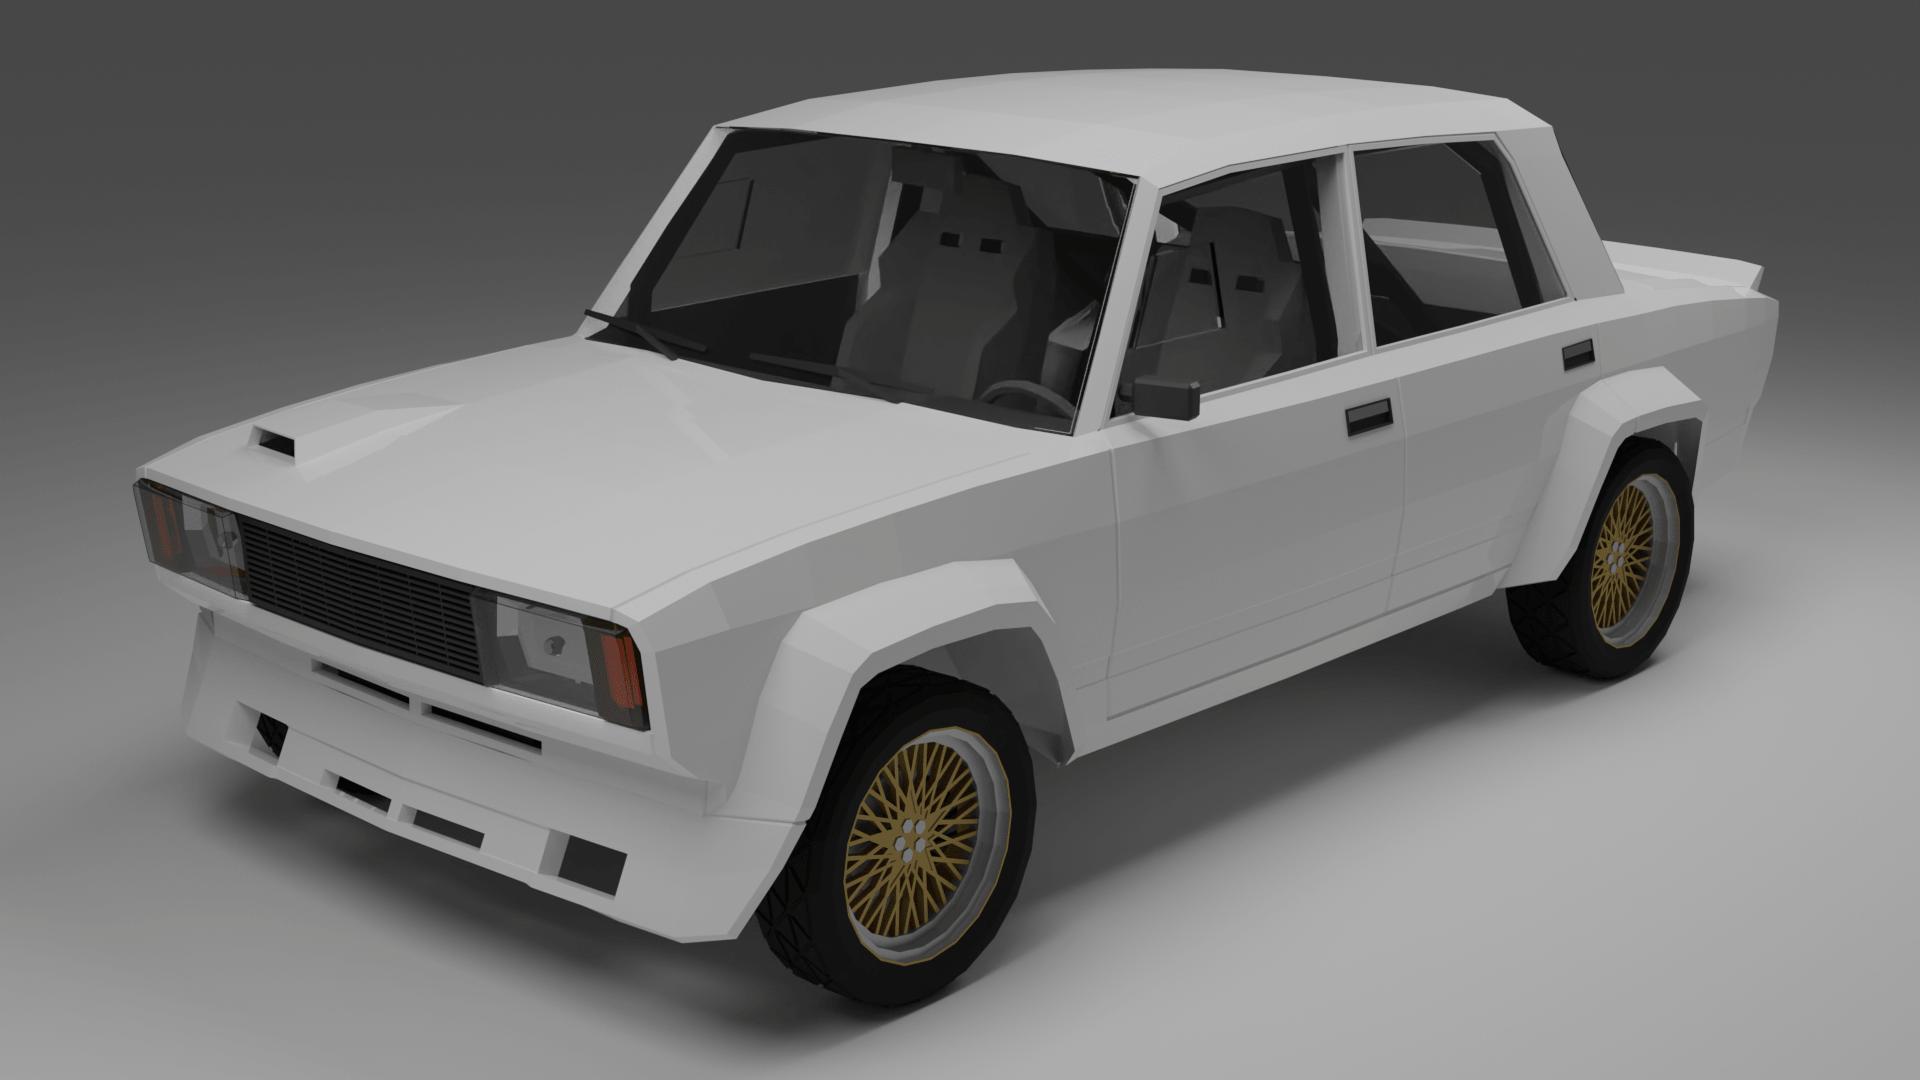 Lada VFTS Low-poly | 3D моделлер, ищу разовые заказы/команду инди разработчиков